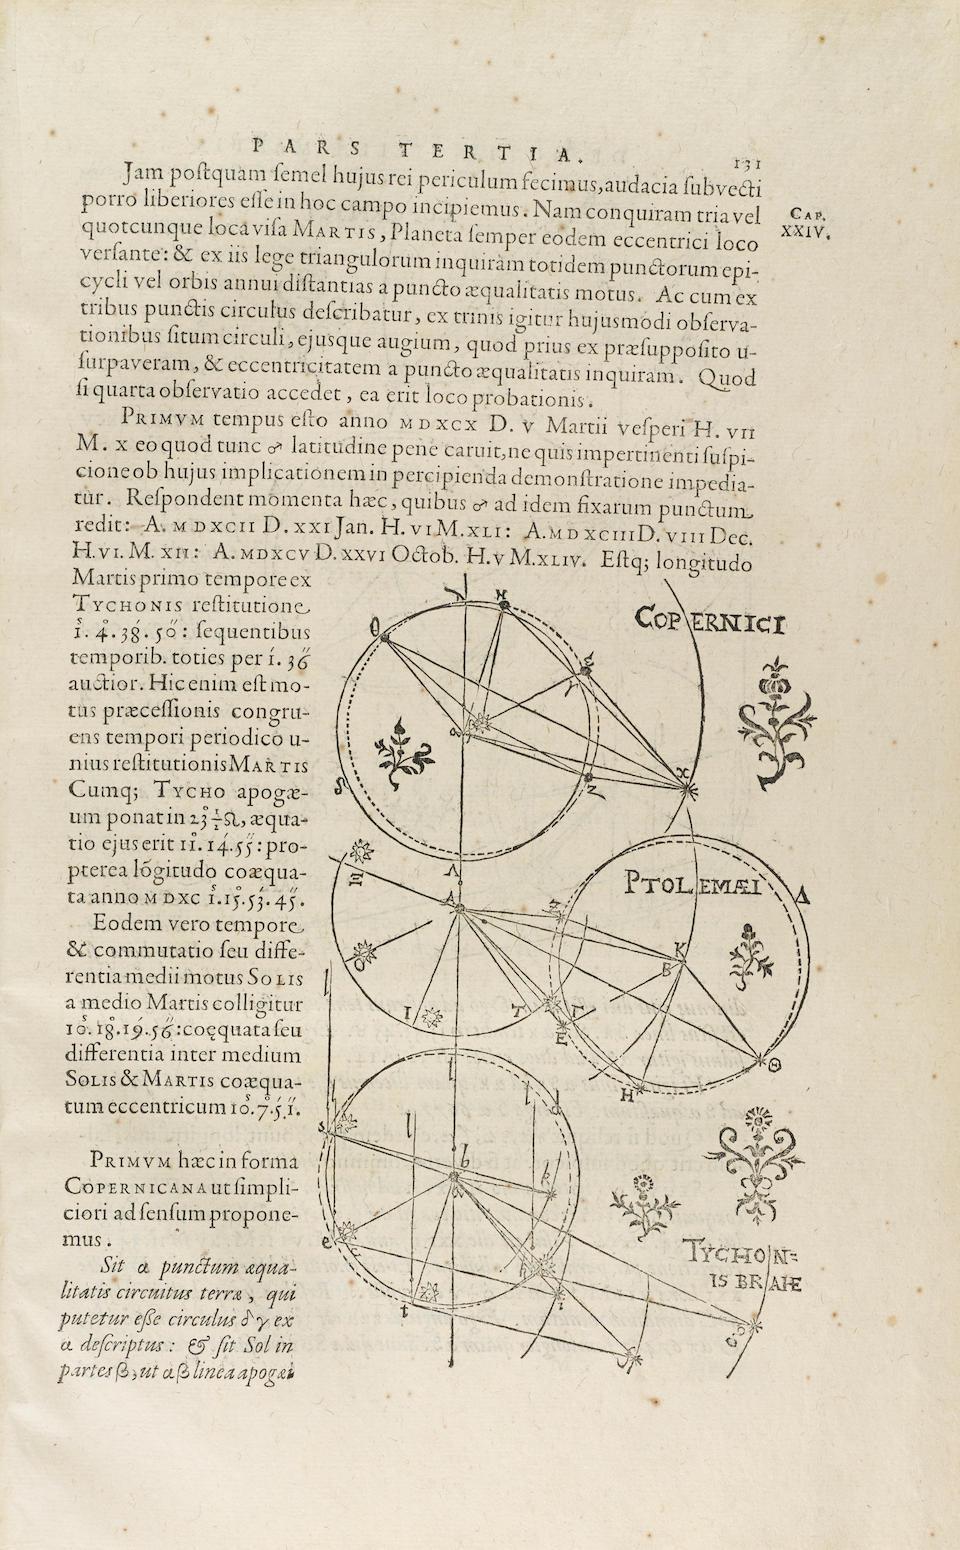 KEPLER, JOHANNES. 1571-1630. Astronomia nova ΑΙΤΙΟΛΟΓΗΖΟΣ, seu Physica Coelestis, tradita commentariis De Motibus Stellæ Martis, Ex observationibus G.V. Tychonis Brahe.... [Heidelberg: E. Vogelin], 1609.